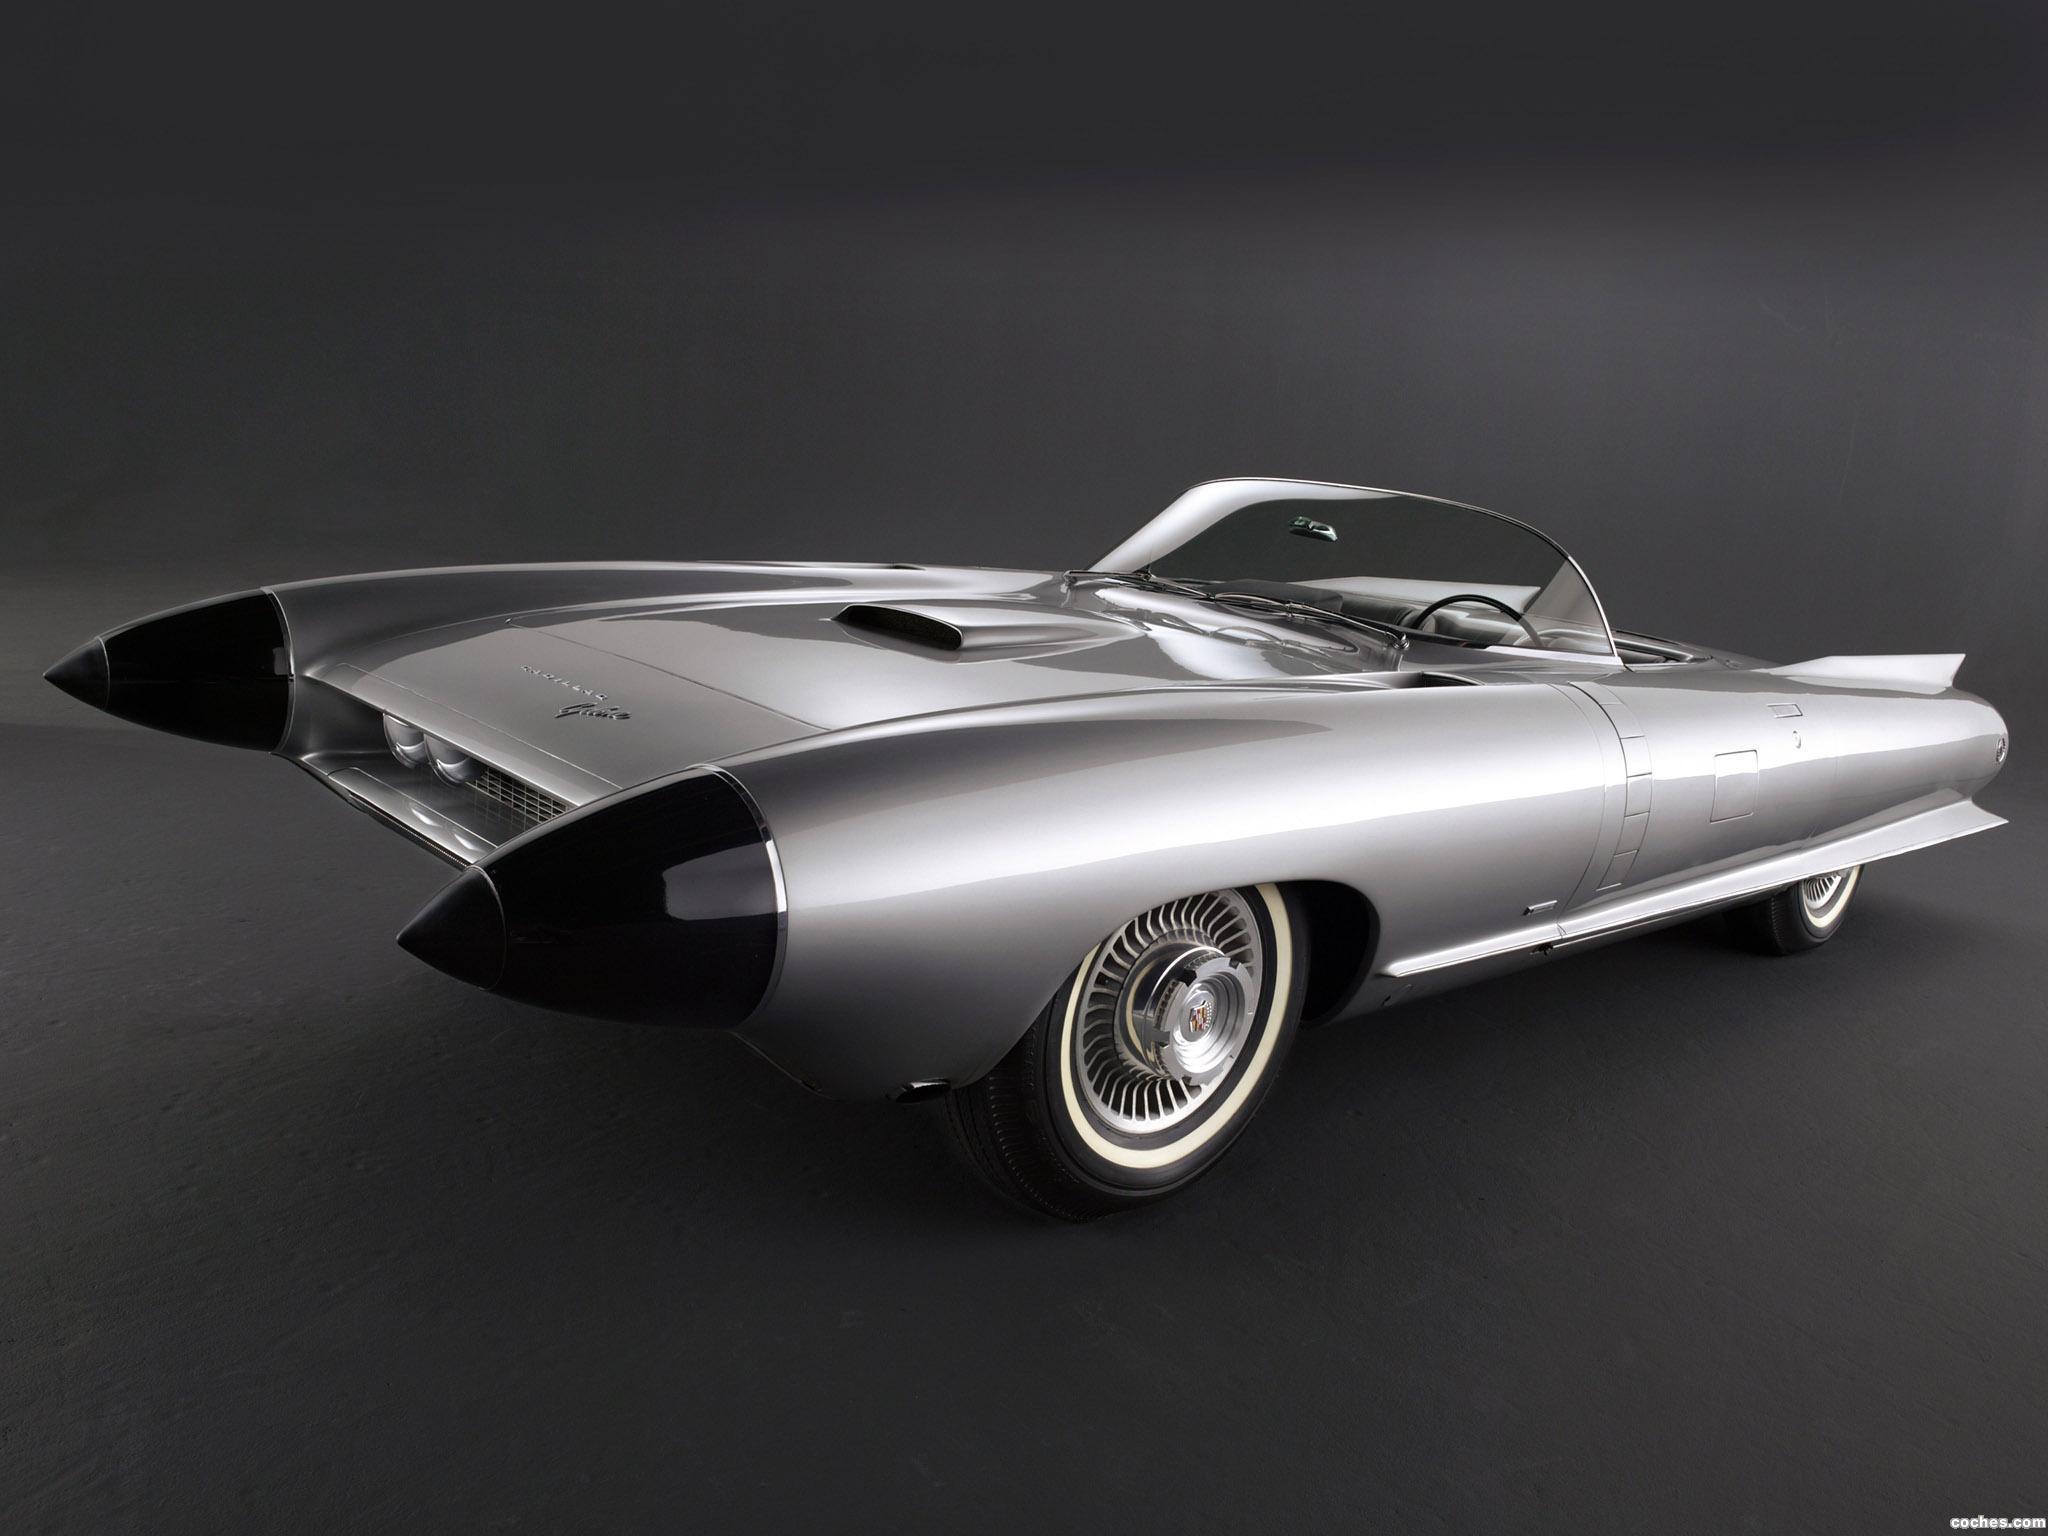 Foto 0 de Cadillac Cyclone Concept Car 1959